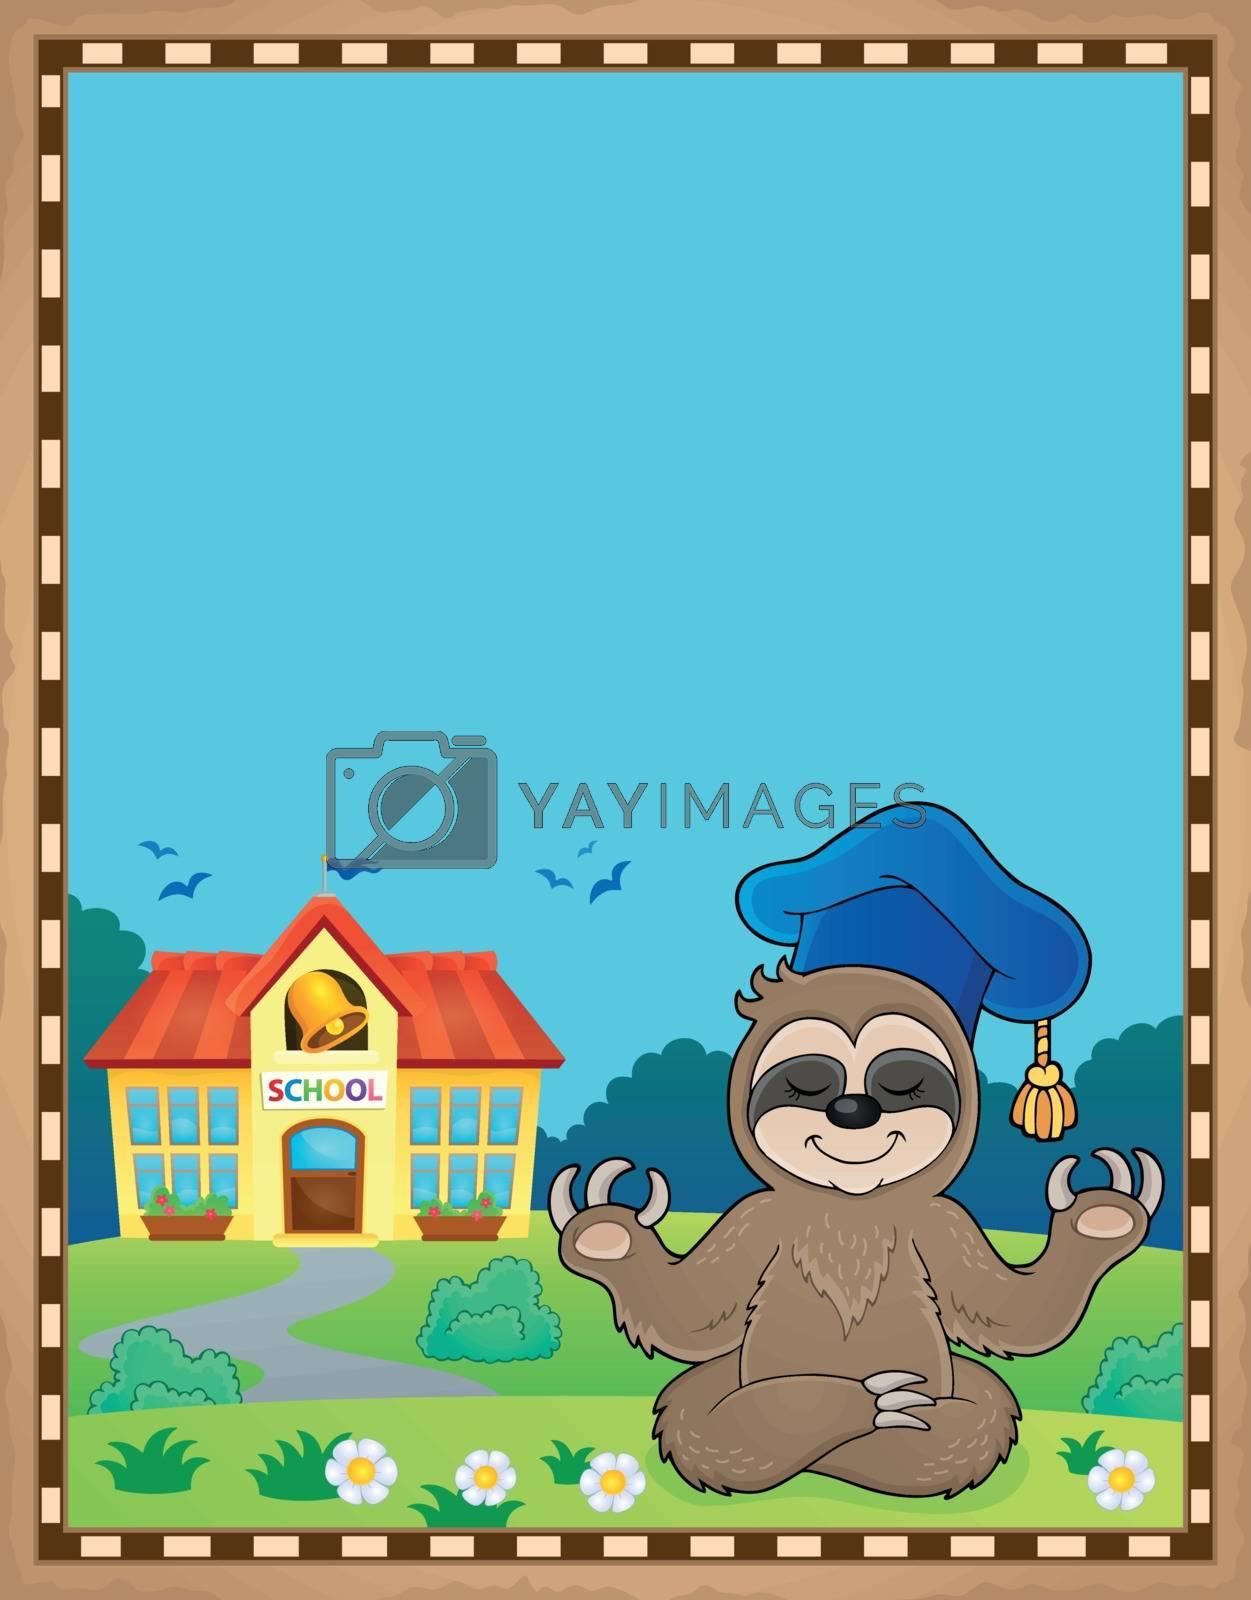 Sloth teacher theme parchment 1 - eps10 vector illustration.